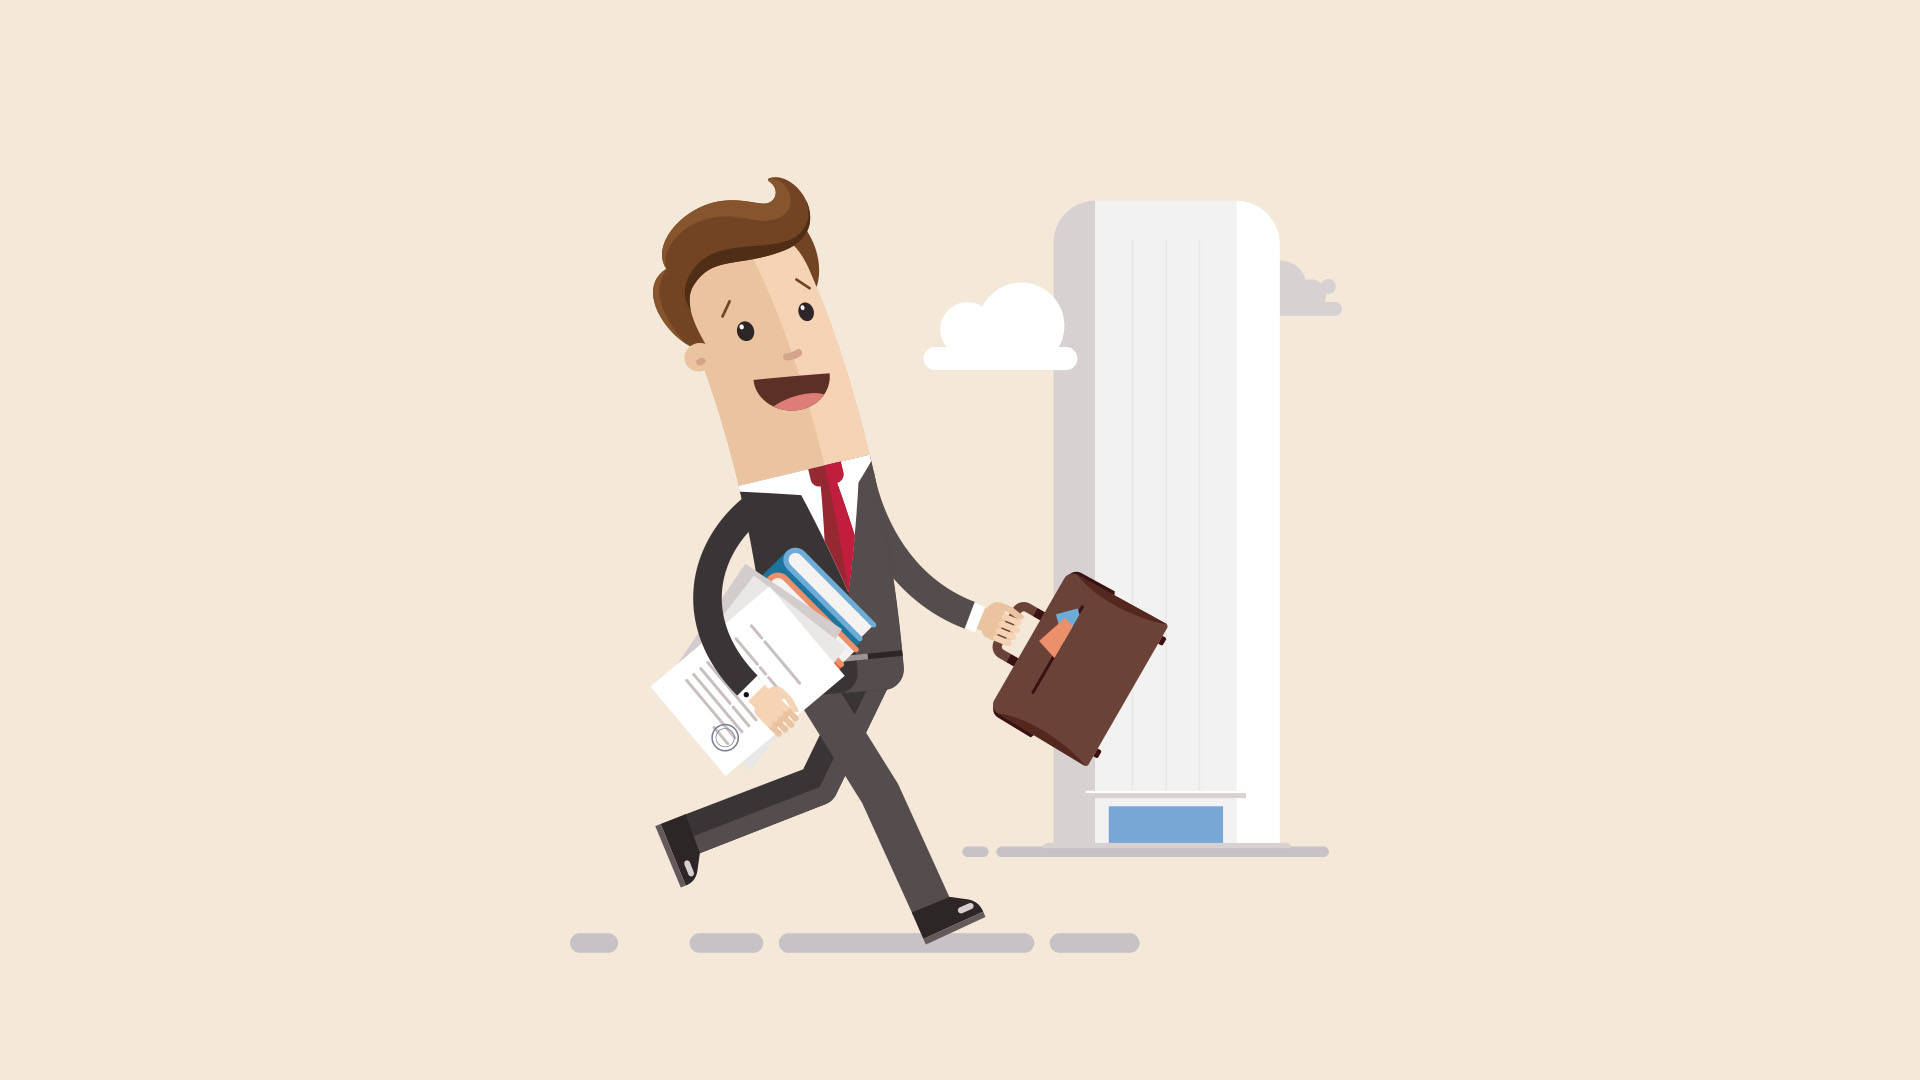 ilustração de empreendedor abrindo uma empresa